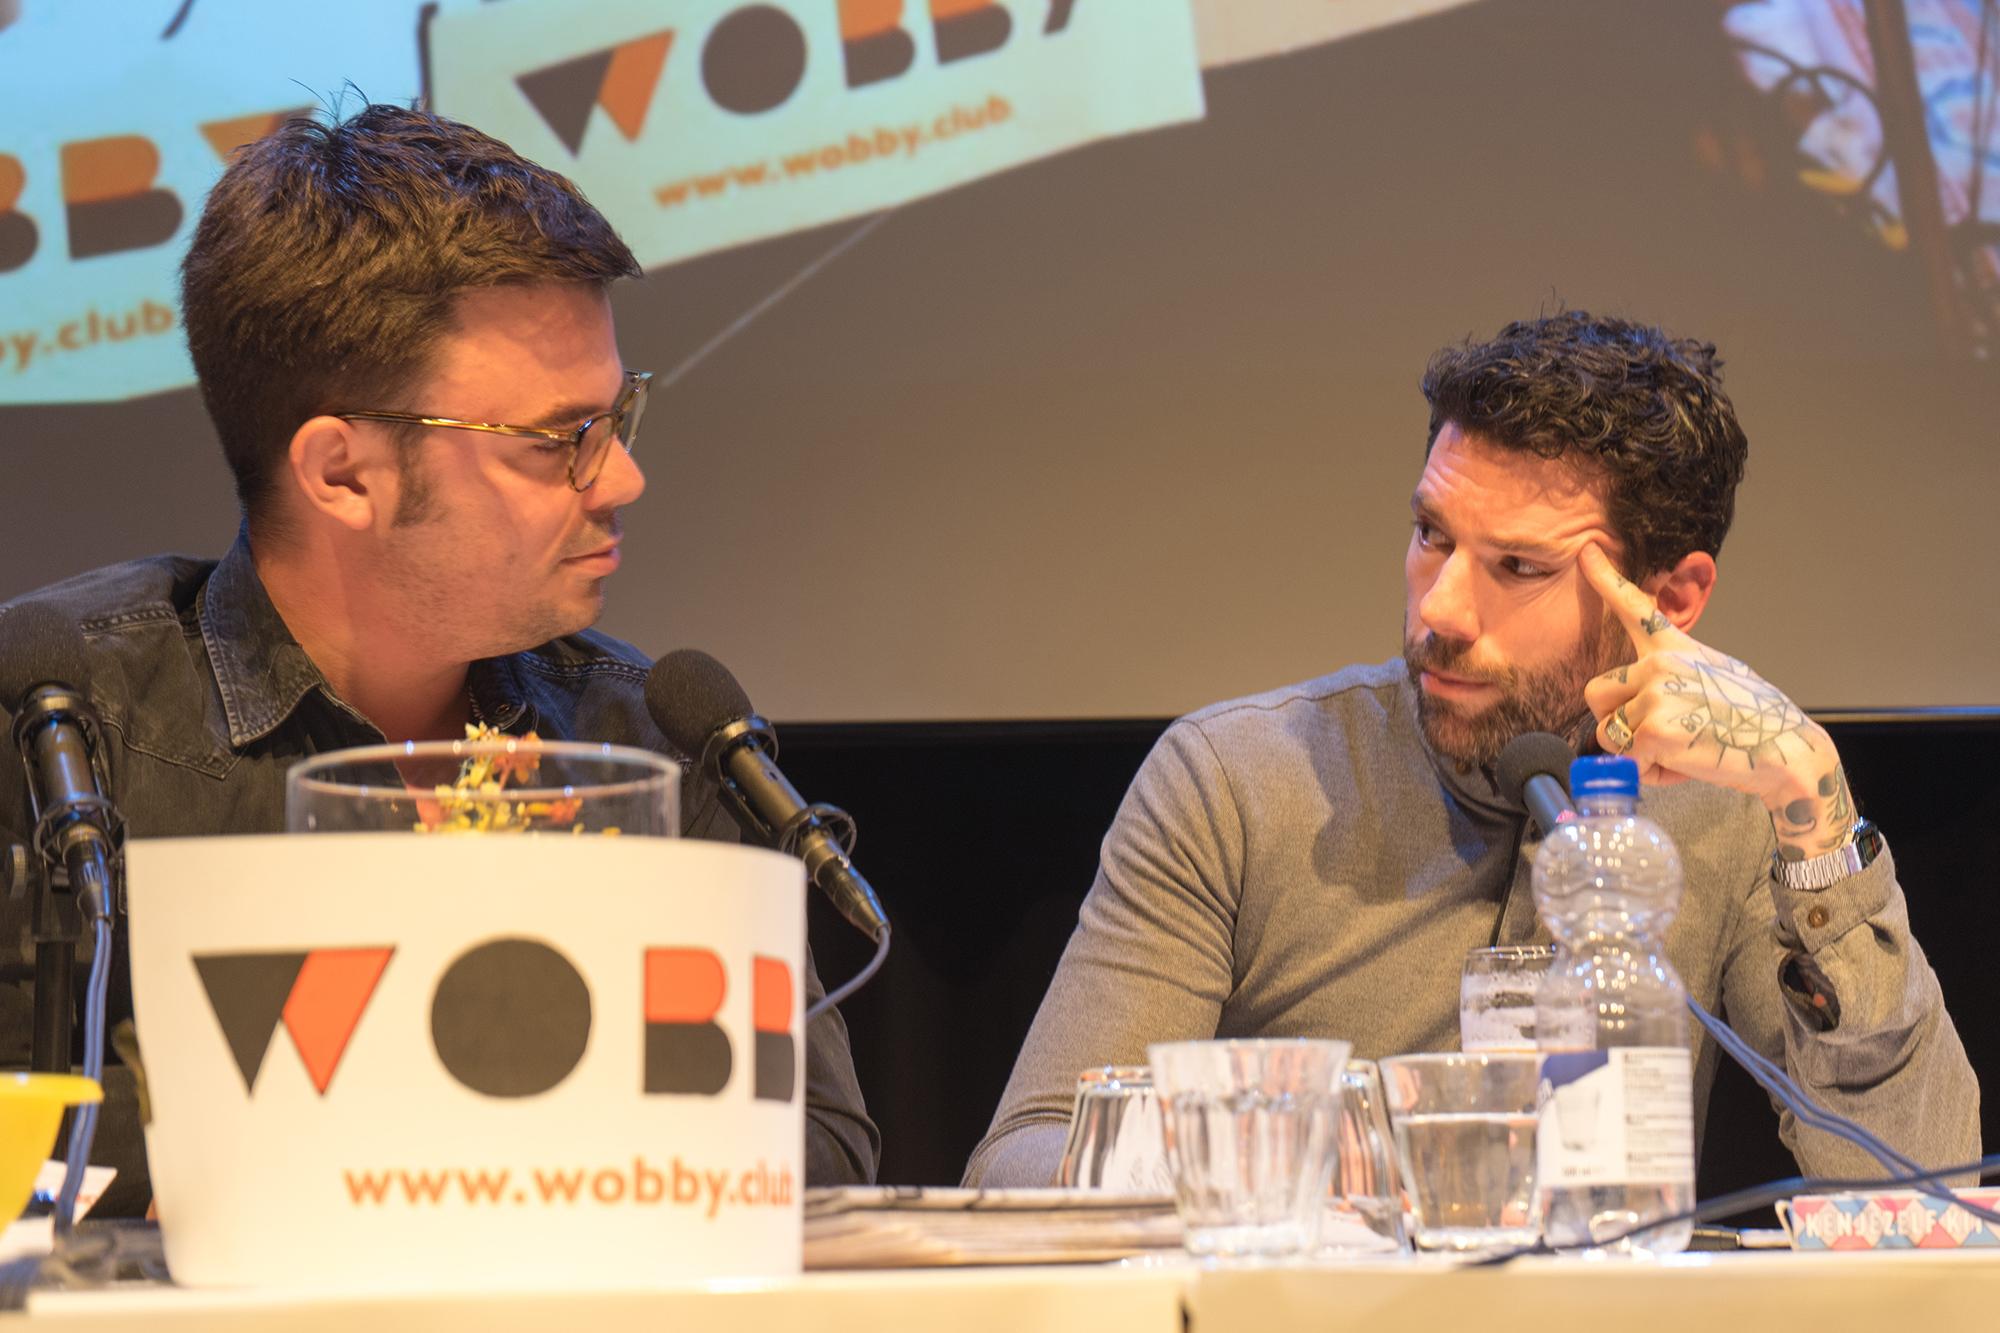 Lukas Meijsen and Henk van Straten